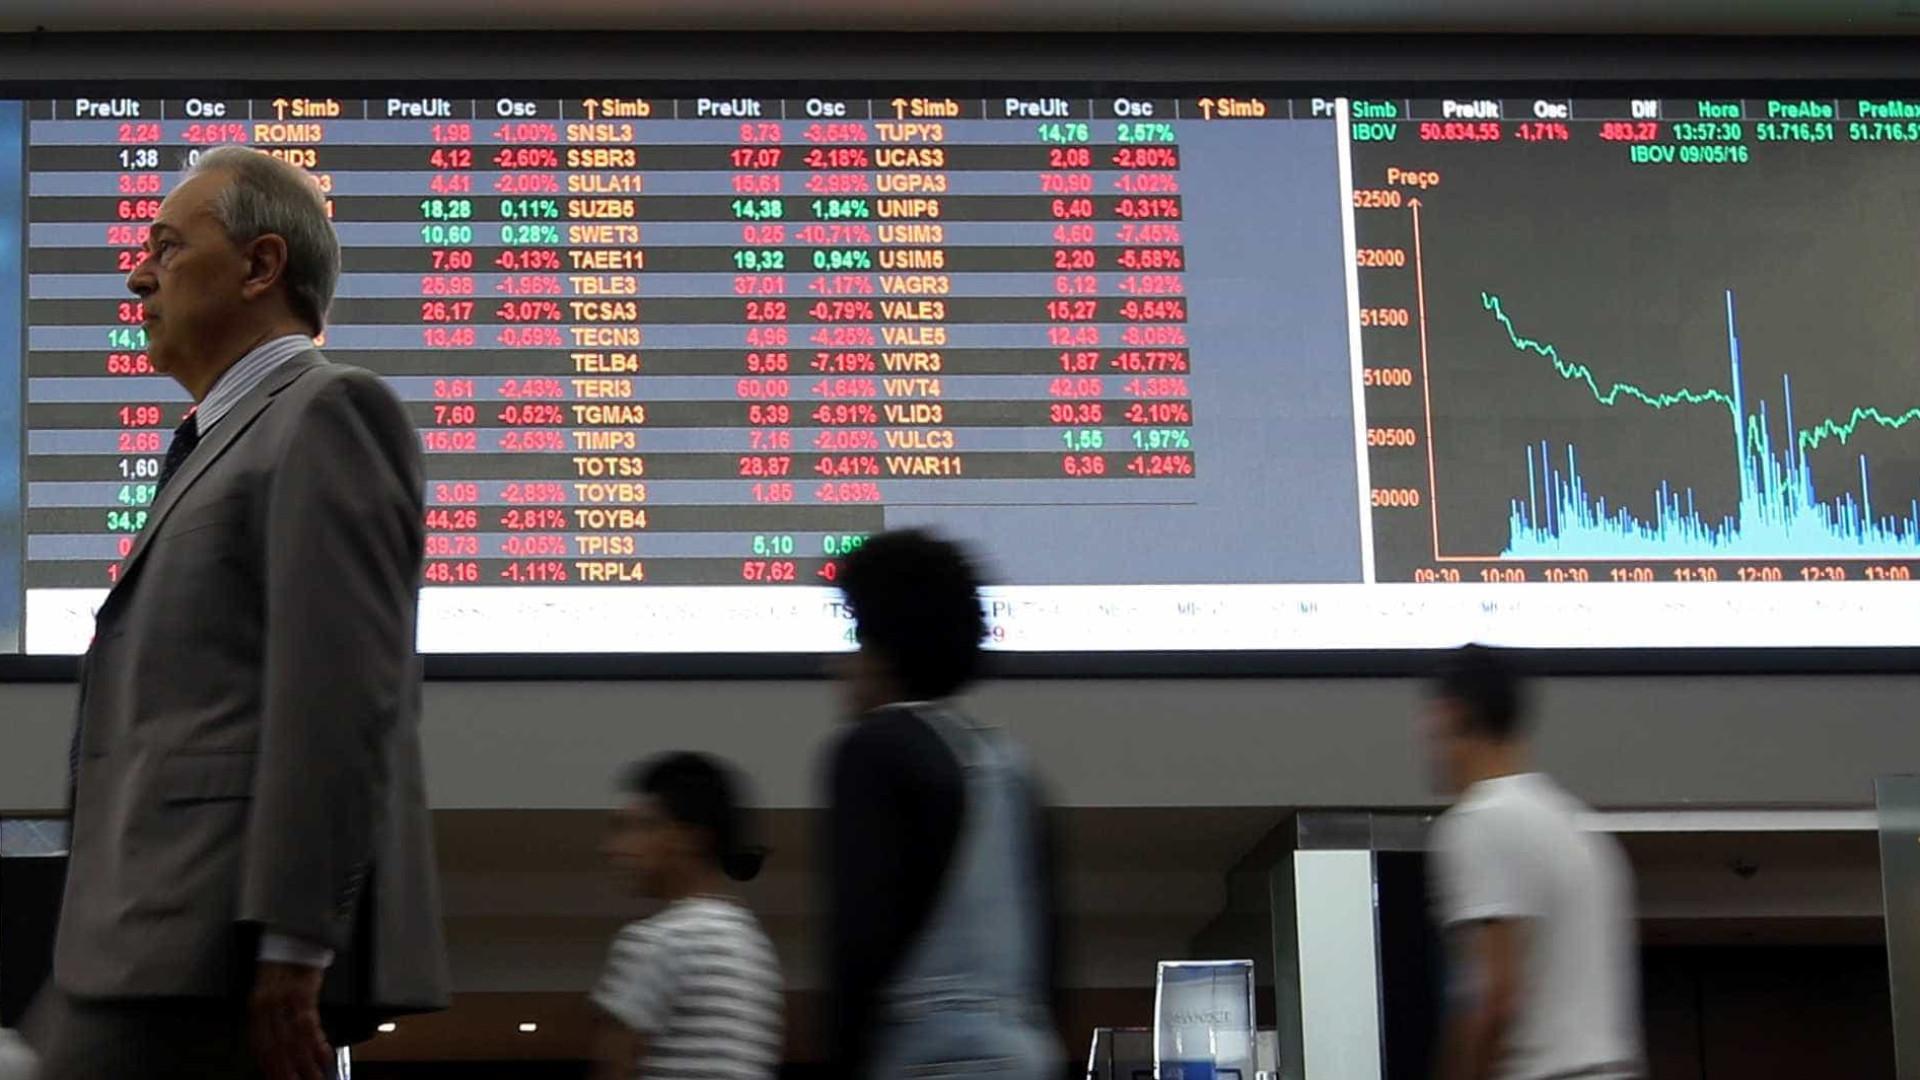 Fundos de renda fixa que replicam índices chegam ao mercado brasileiro